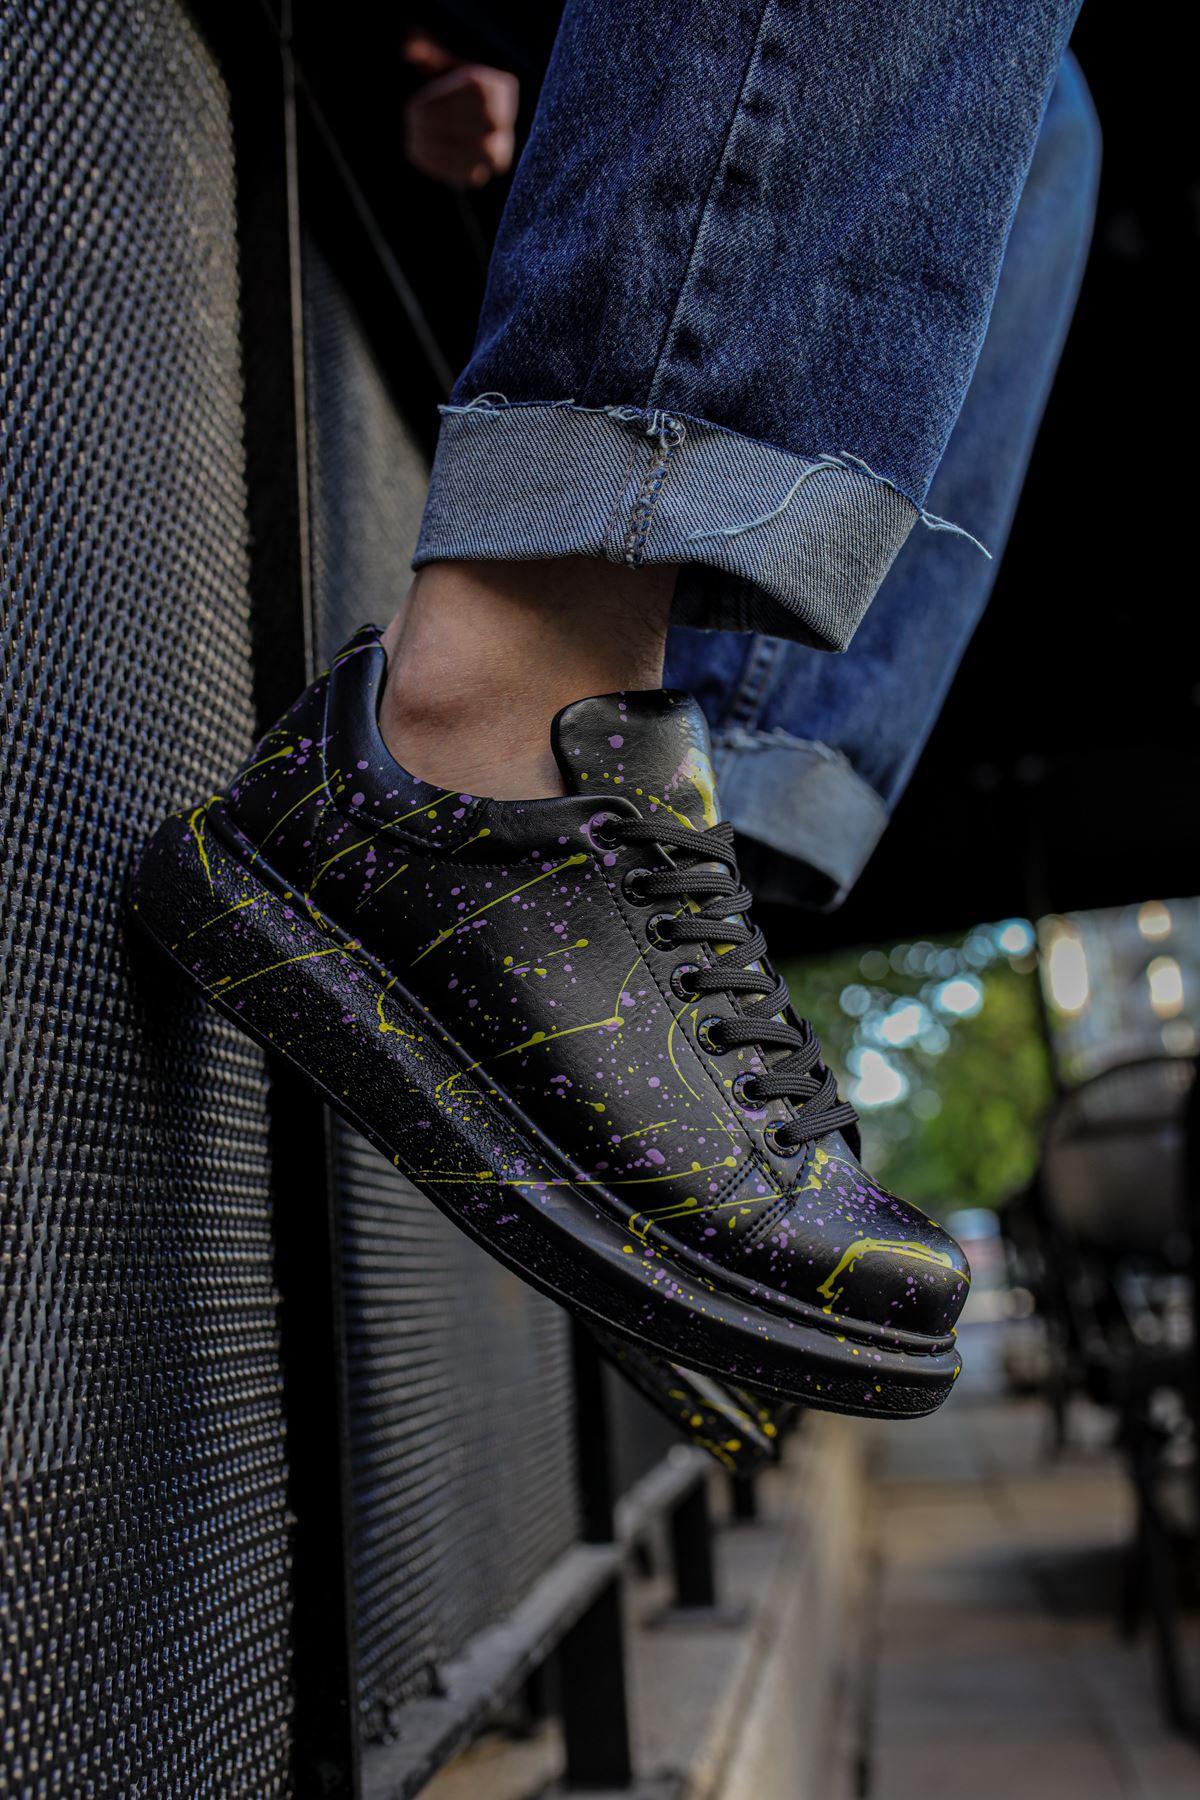 Chekich CH254 ST Erkek Ayakkabı 472 SARI / MOR